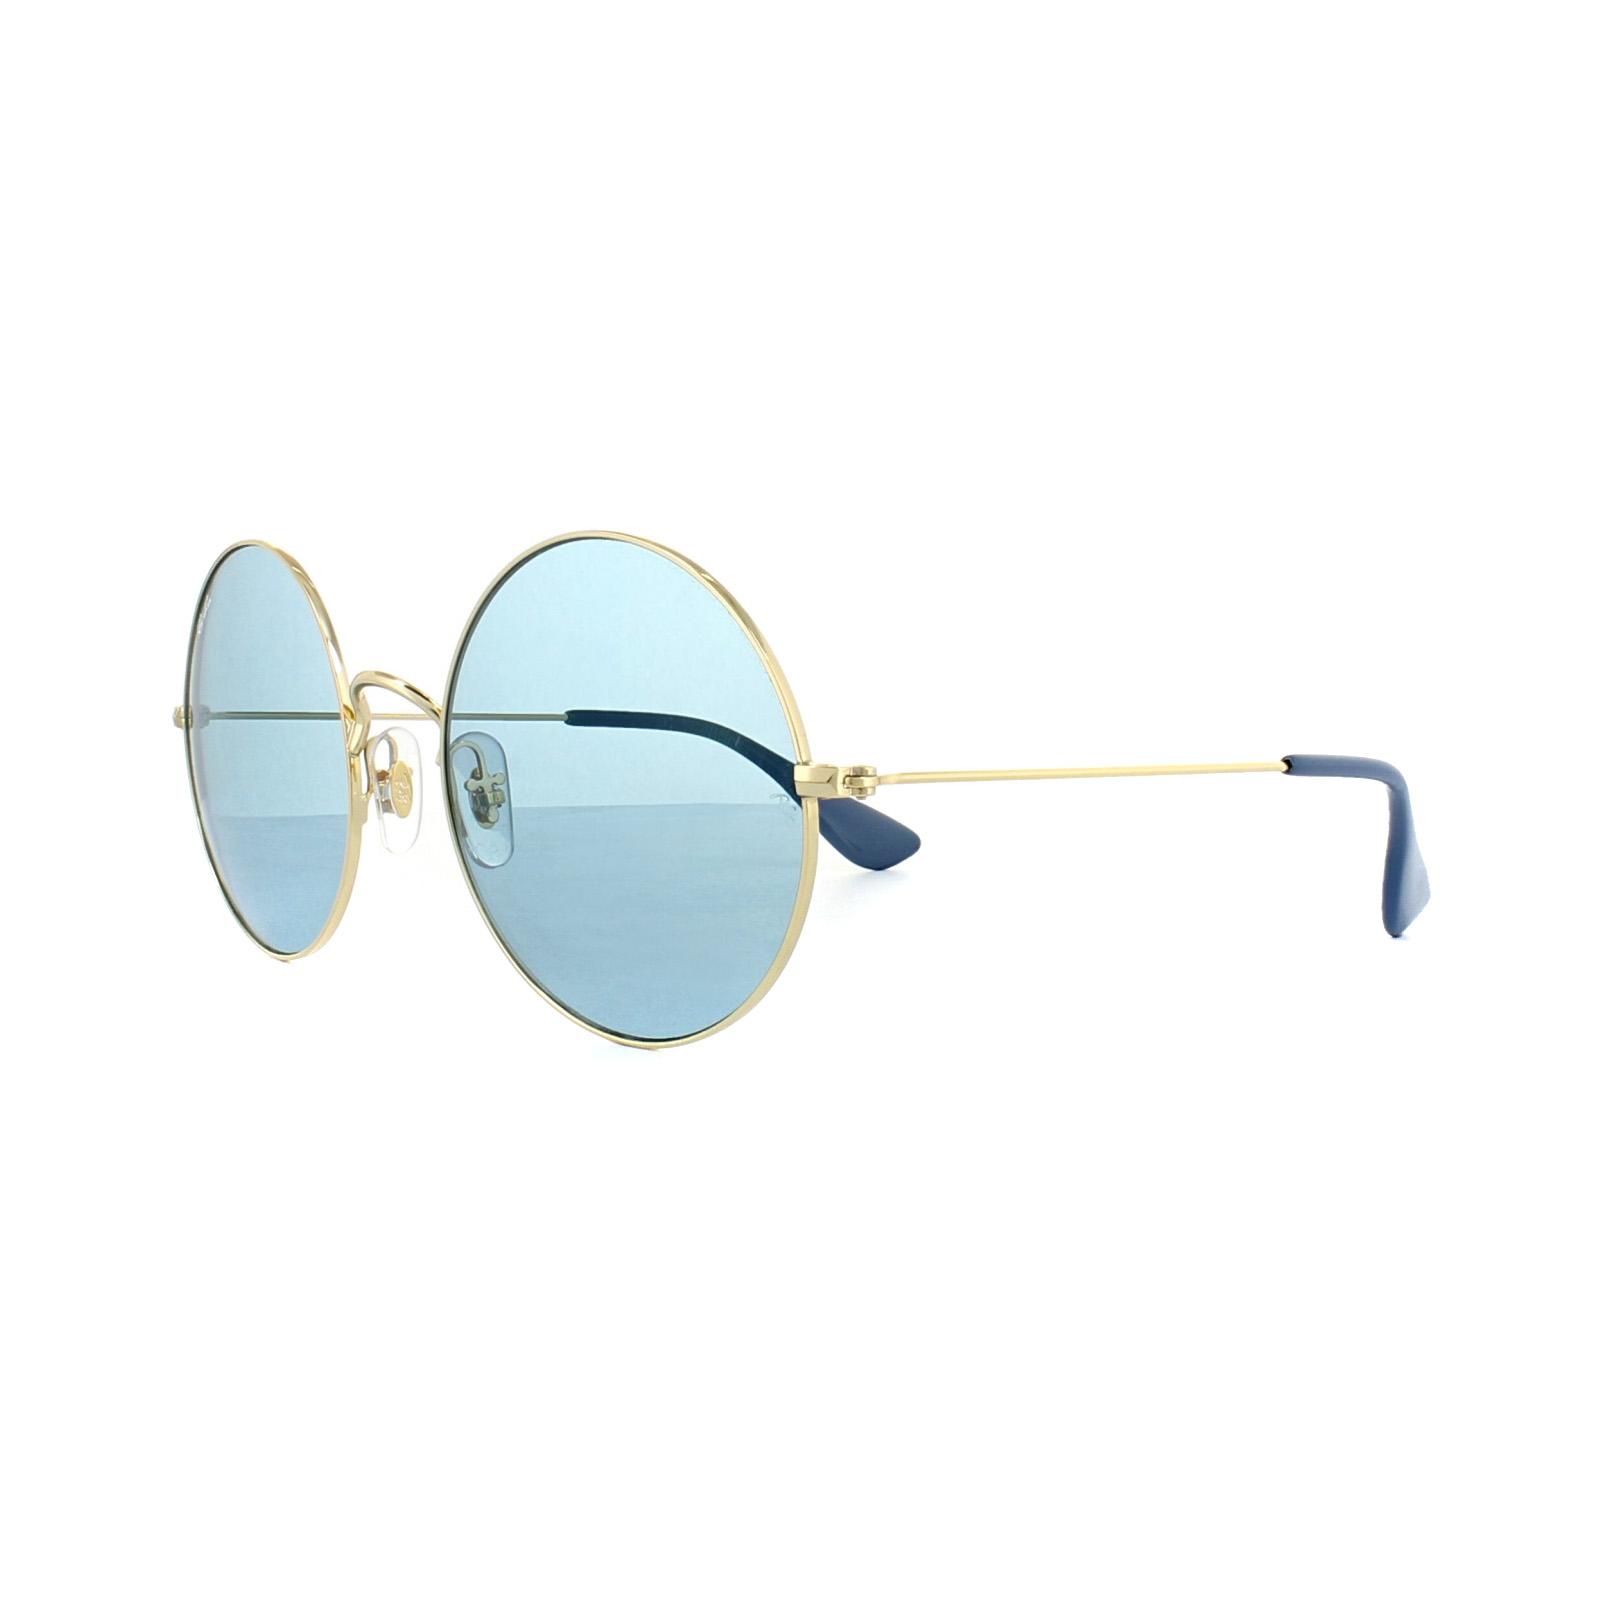 3b25fe625f Sentinel Ray-Ban Sunglasses Ja-Jo 3592 001 F7 Gold Light Blue